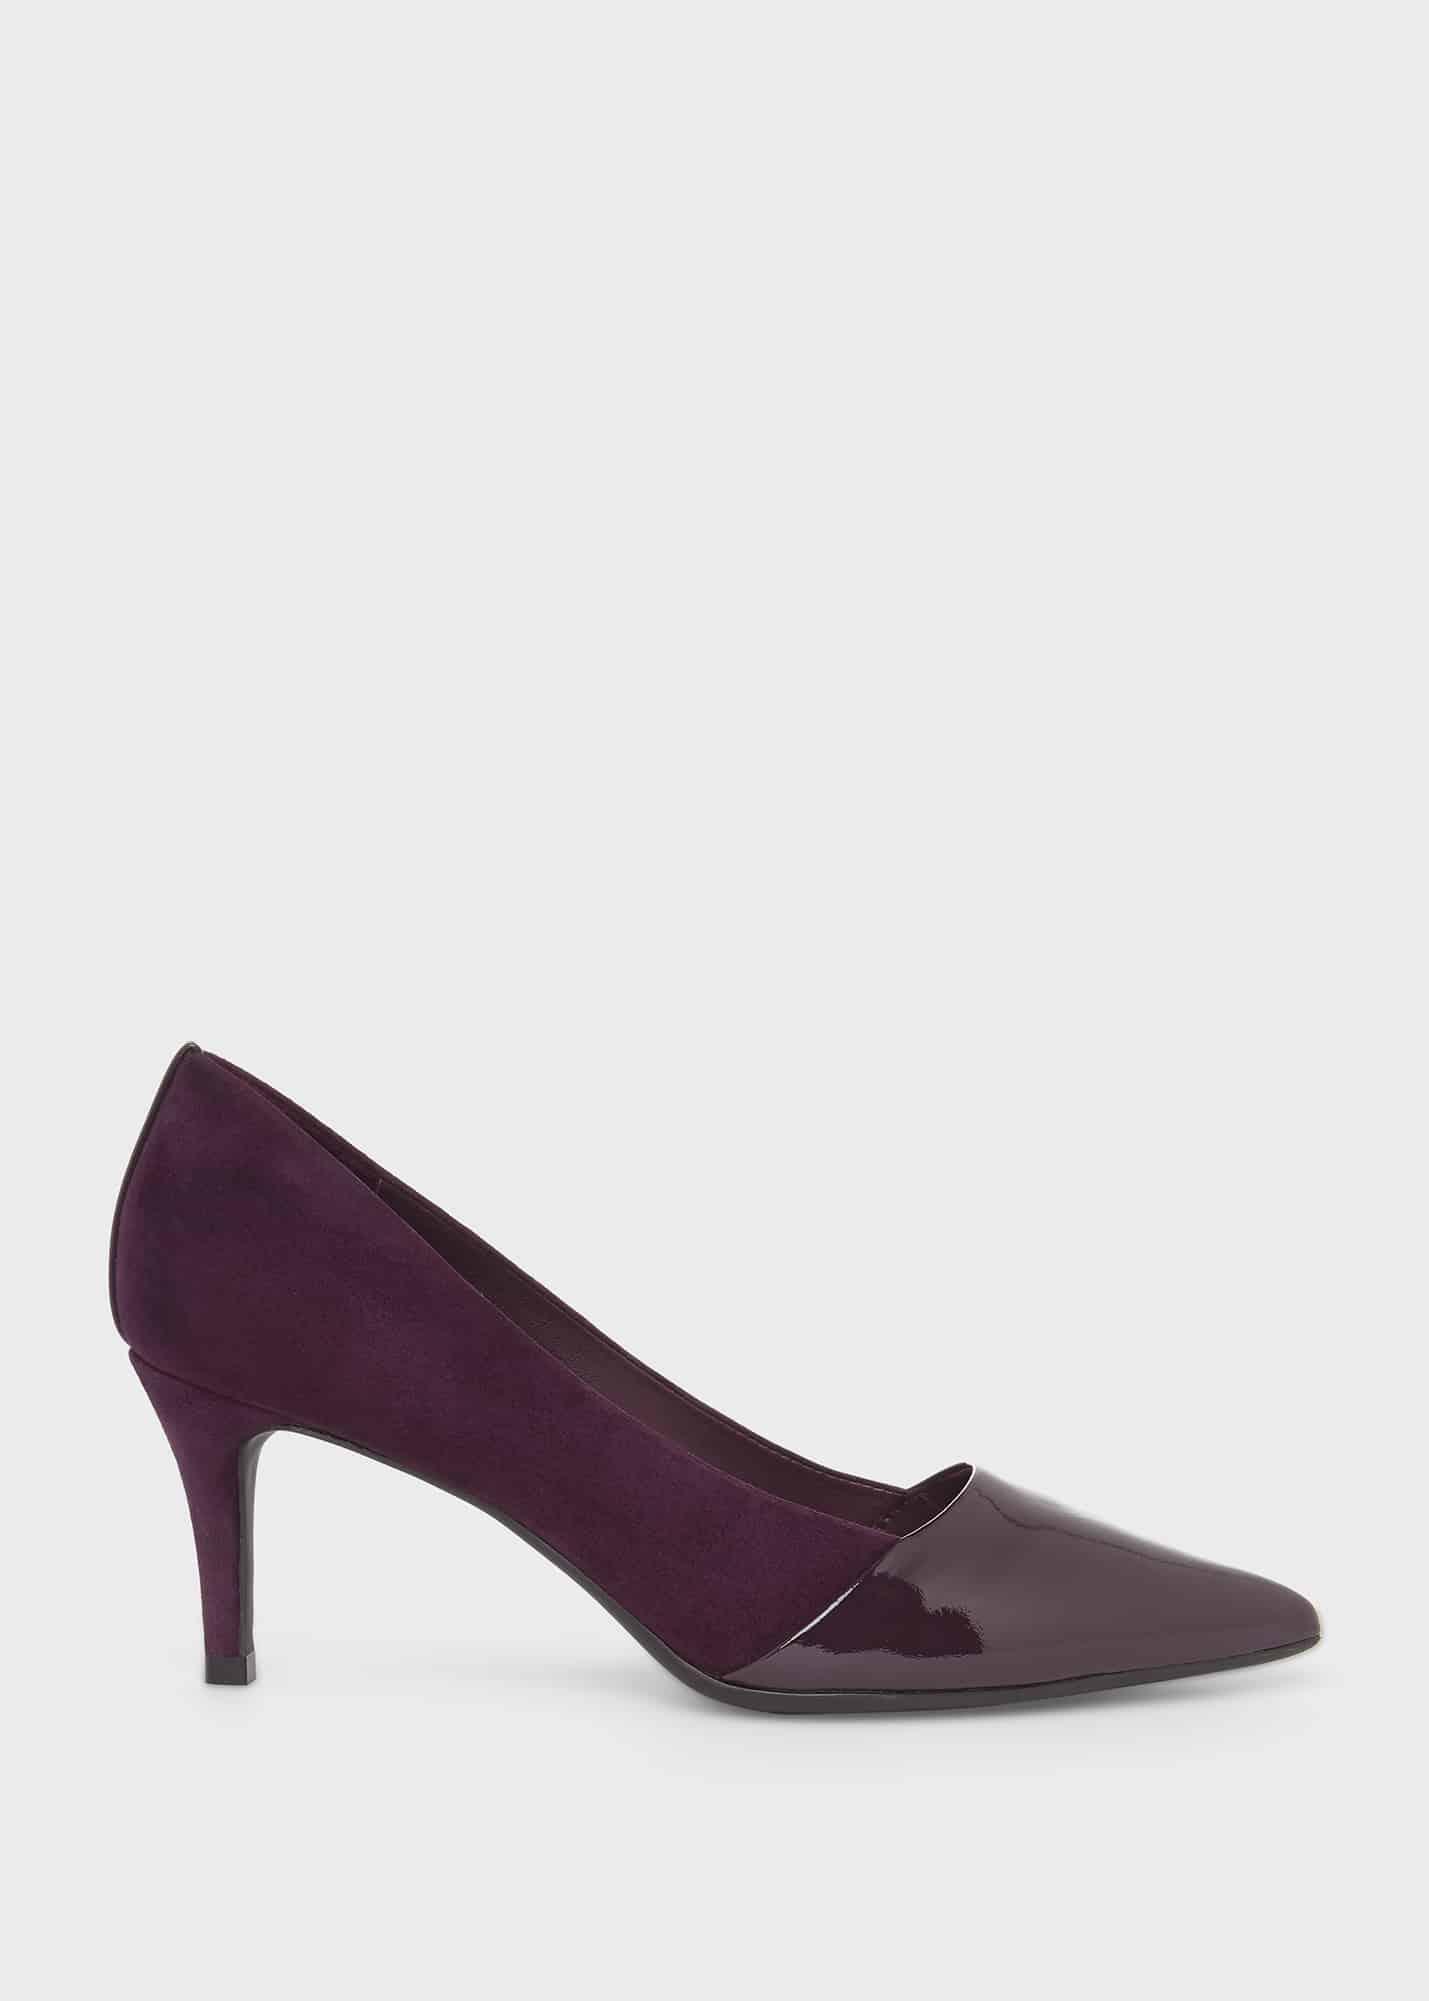 Hobbs Women Rowan Suede Court Shoes